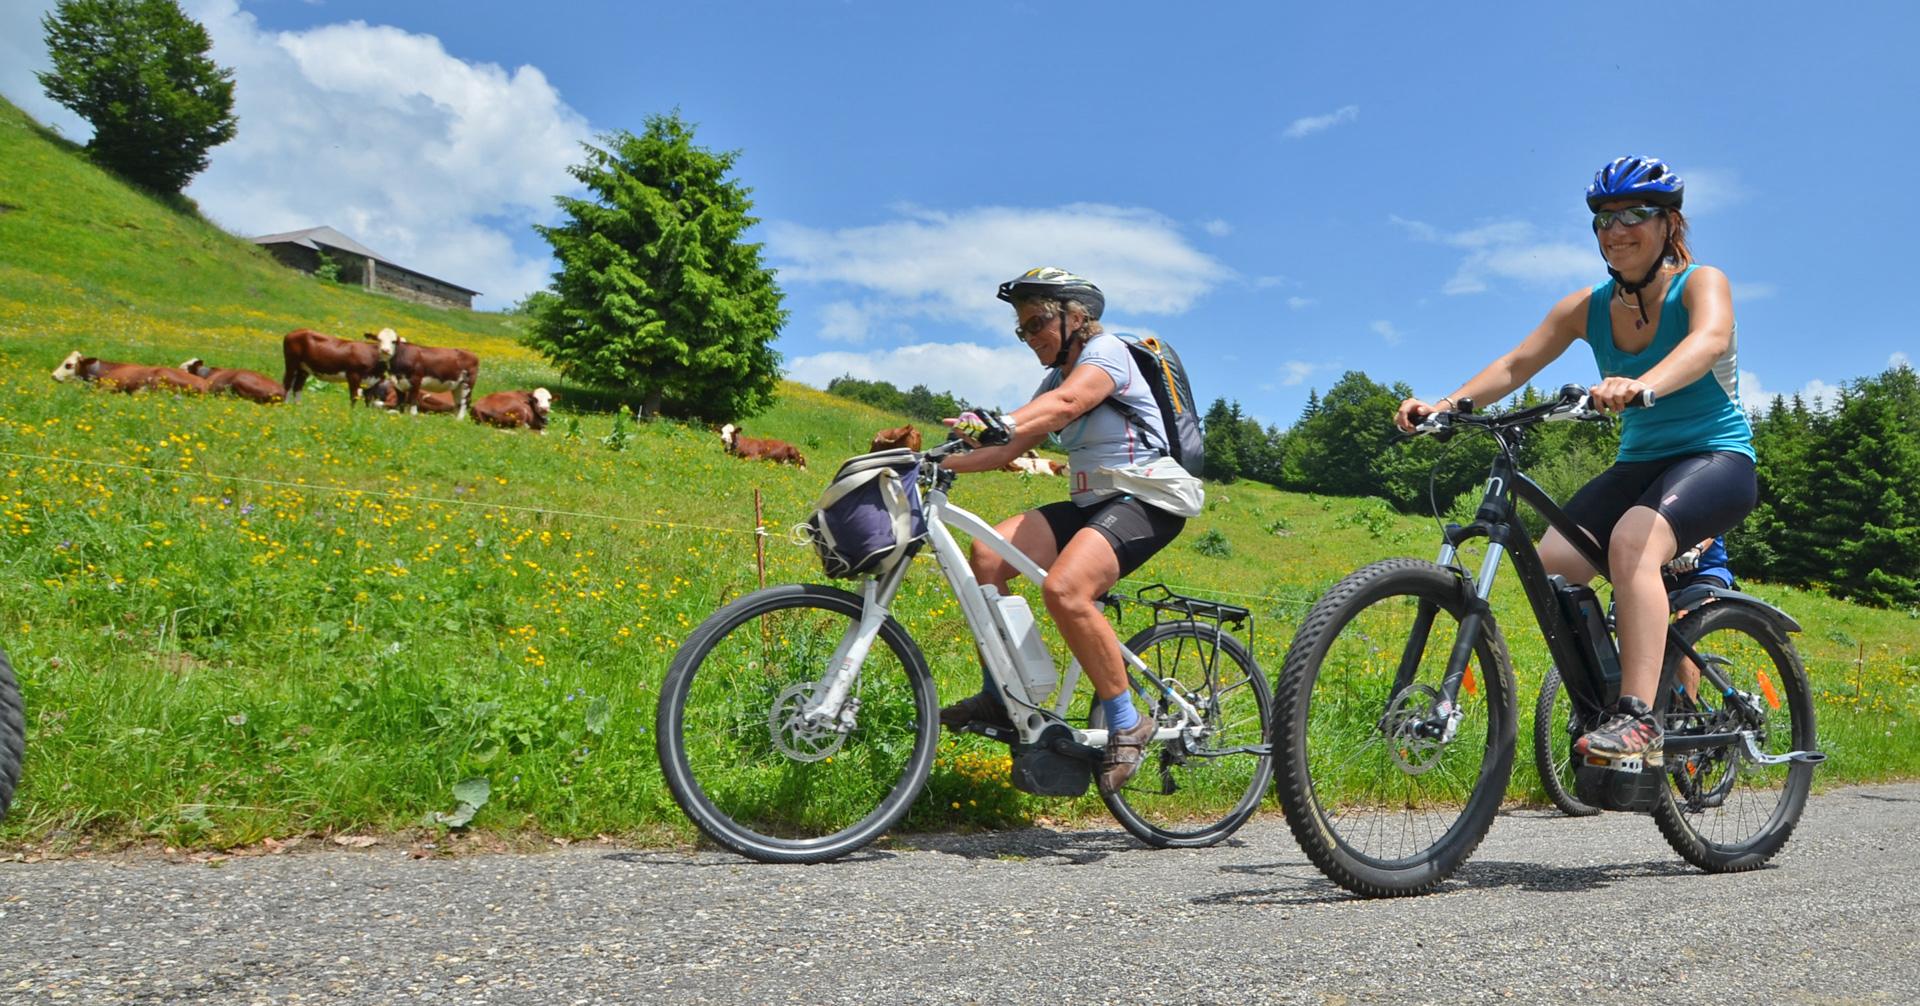 Rendez-vous futés ! : Annulé - Fête nationale du vélo